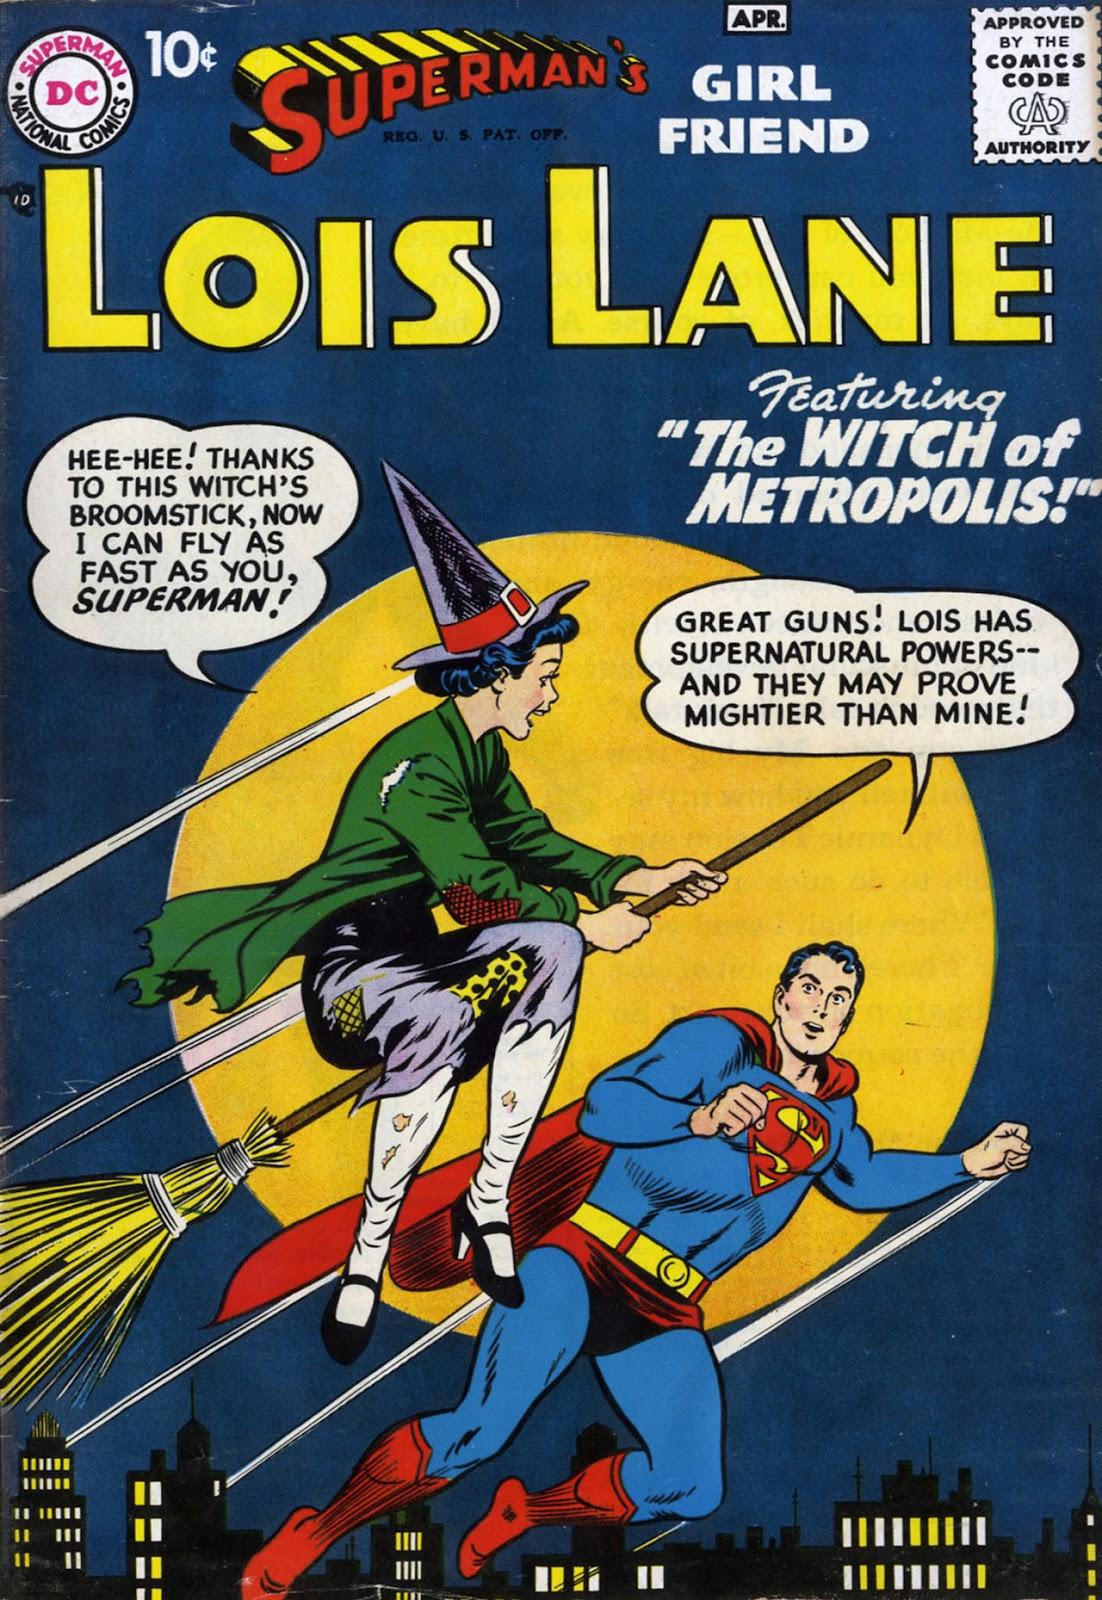 Supermans Girl Friend, Lois Lane 1 Page 1